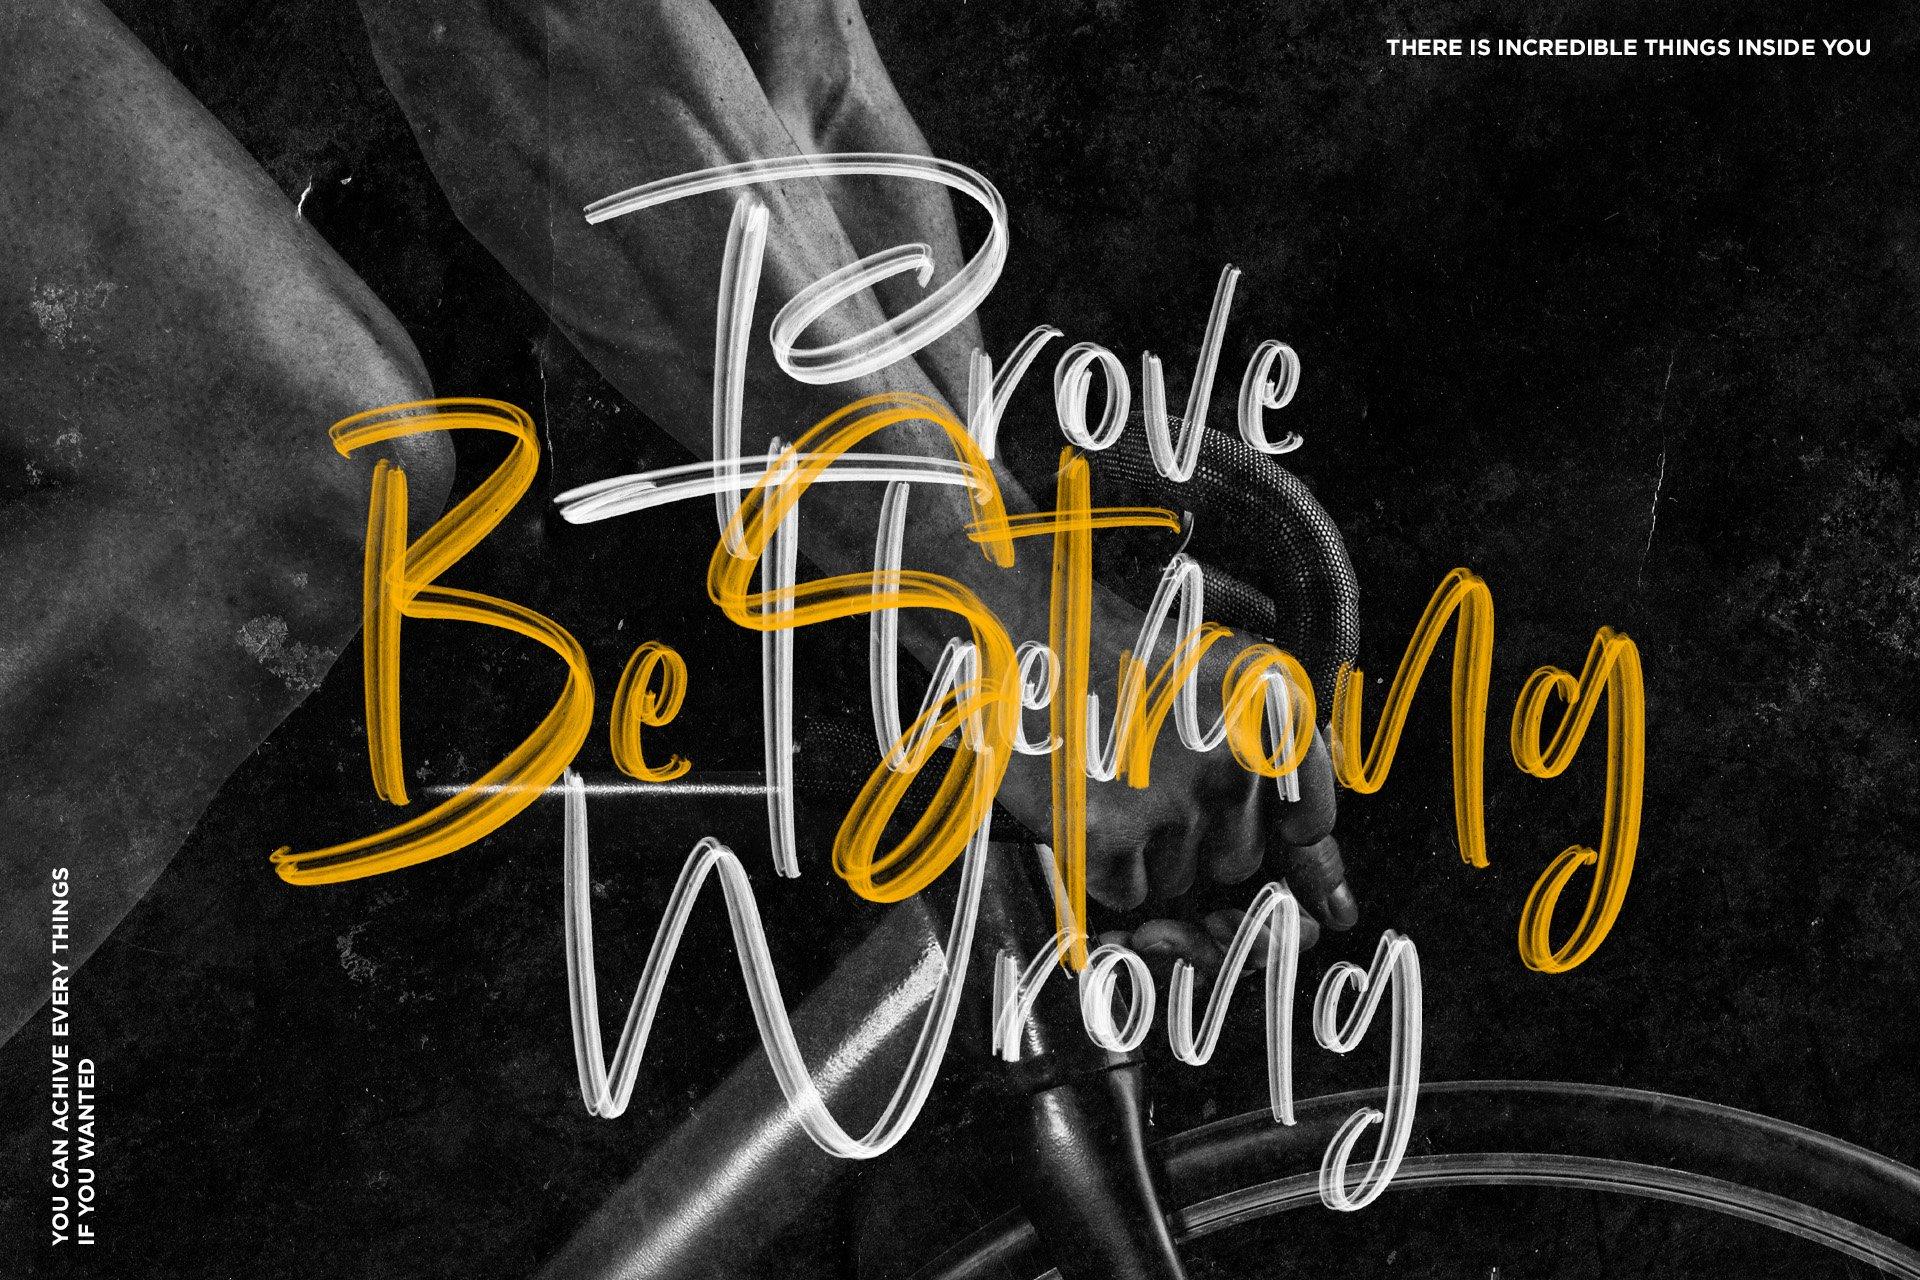 手写涂鸦书法笔刷杂志海报Logo标题英文字体设计素材 Dinomo SVG Brush Font插图5